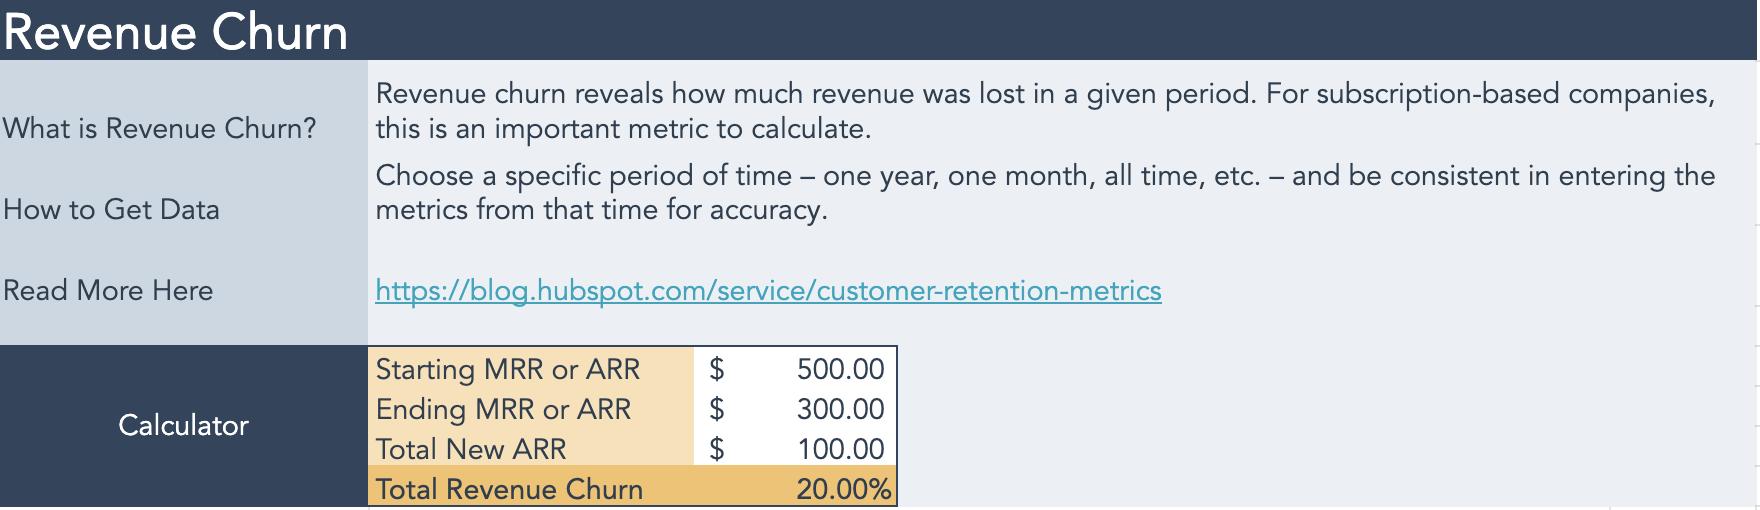 revenue churn calculator